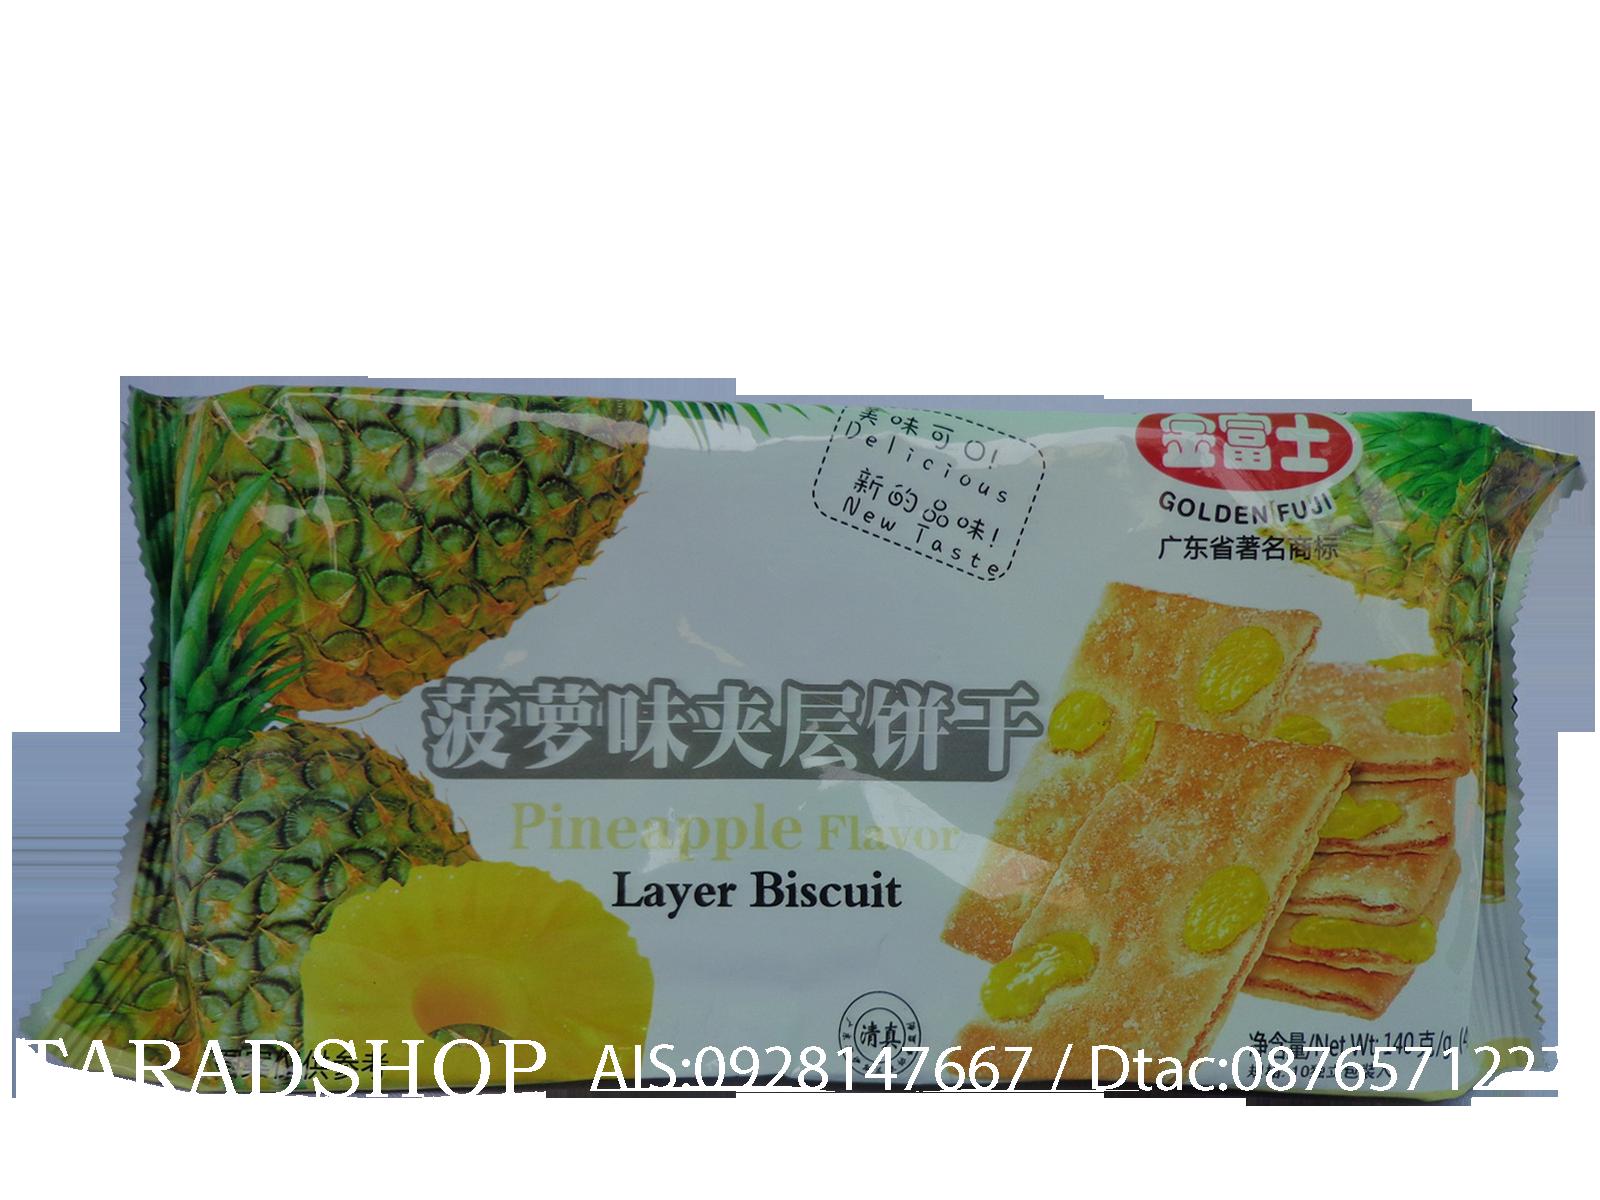 ขนม pineapple flavor layer biscuit (ชนิดแพ็ค)